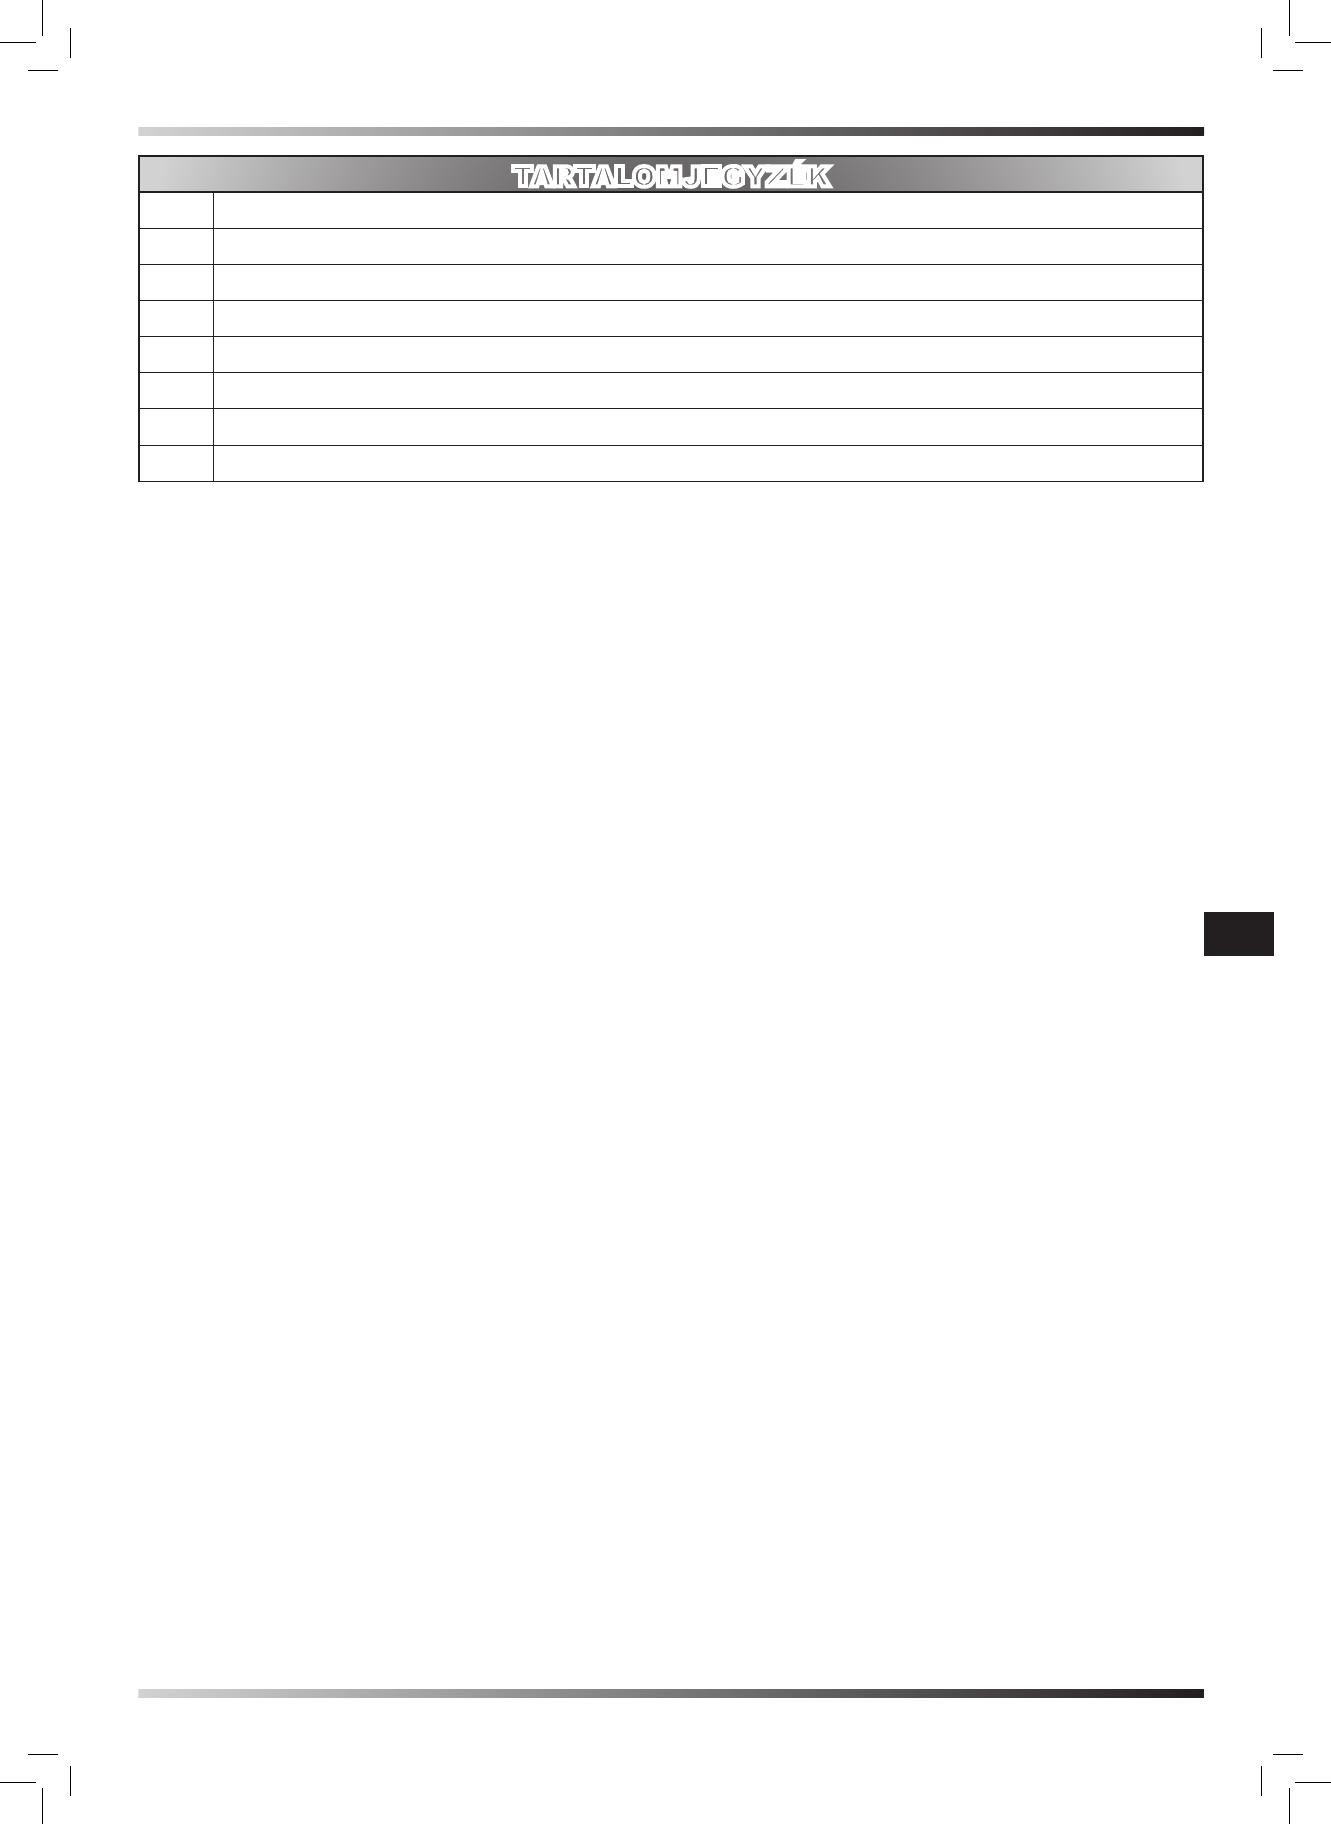 Bedienungsanleitung master DH 122 Seite 12 von 12 Alle Sprachen